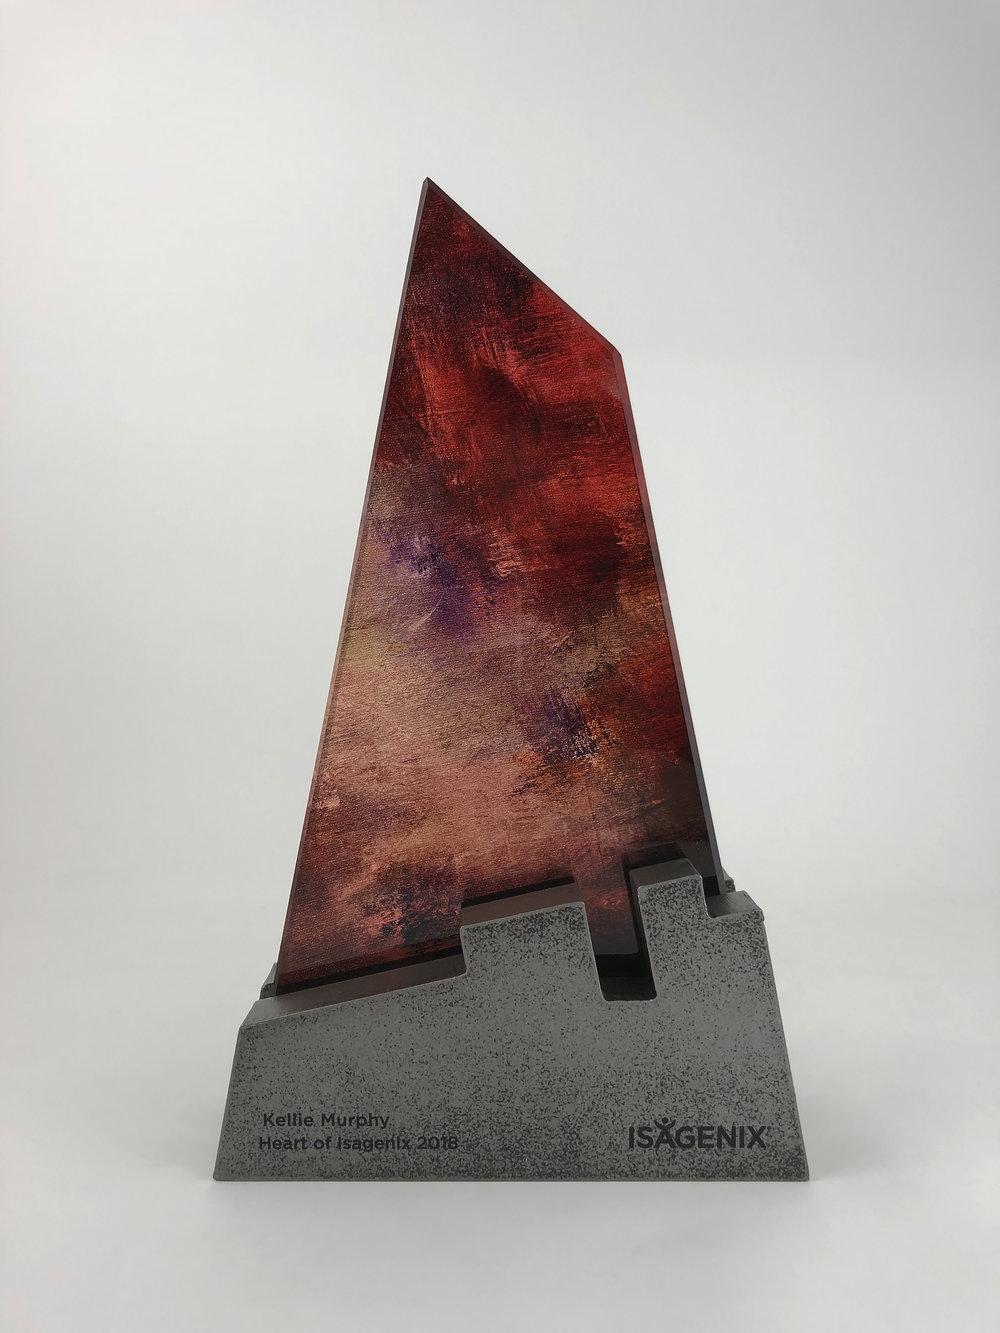 Heart-of-Isagenix-metal-glass-art-award-sculpture-trophy-02.jpg